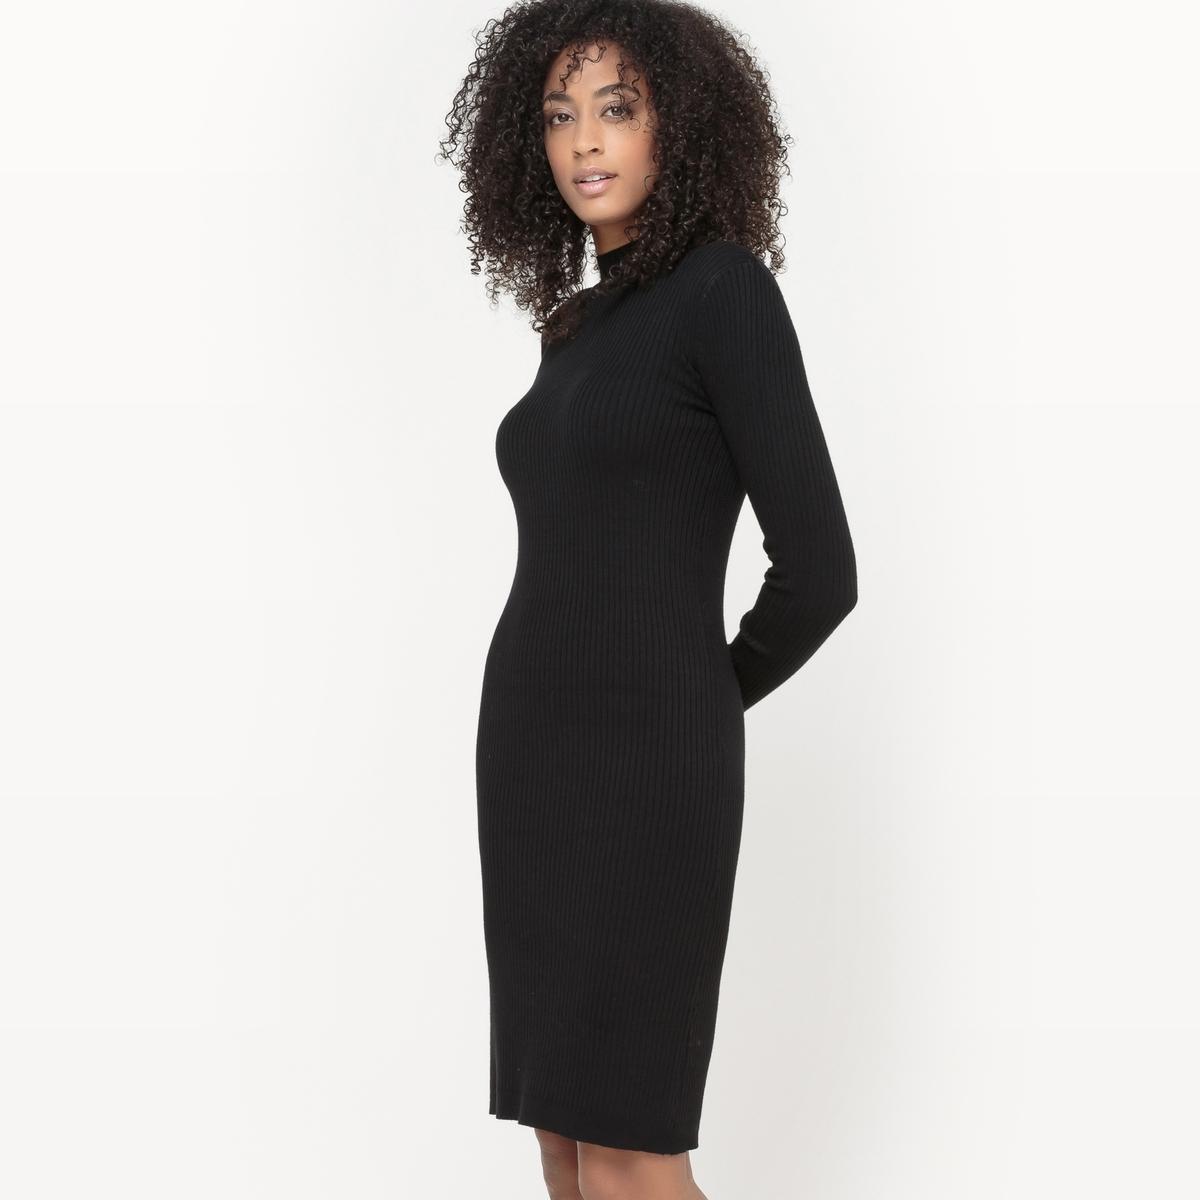 Платье-пуловер с воротником-стойкаПлатье-пуловер из ребристого трикотажа . Длинные рукава. Высокий воротник. Прилегающий к телу покрой.Состав и описаниеМатериал : 80% вискозы, 20% полиамидаДлина : 95 смМарка :      R ?ditionУход: Машинная стирка при 30°C на деликатном режиме Стирать с вещами подобного цвета<br><br>Цвет: бордовый<br>Размер: 46/48 (FR) - 52/54 (RUS)